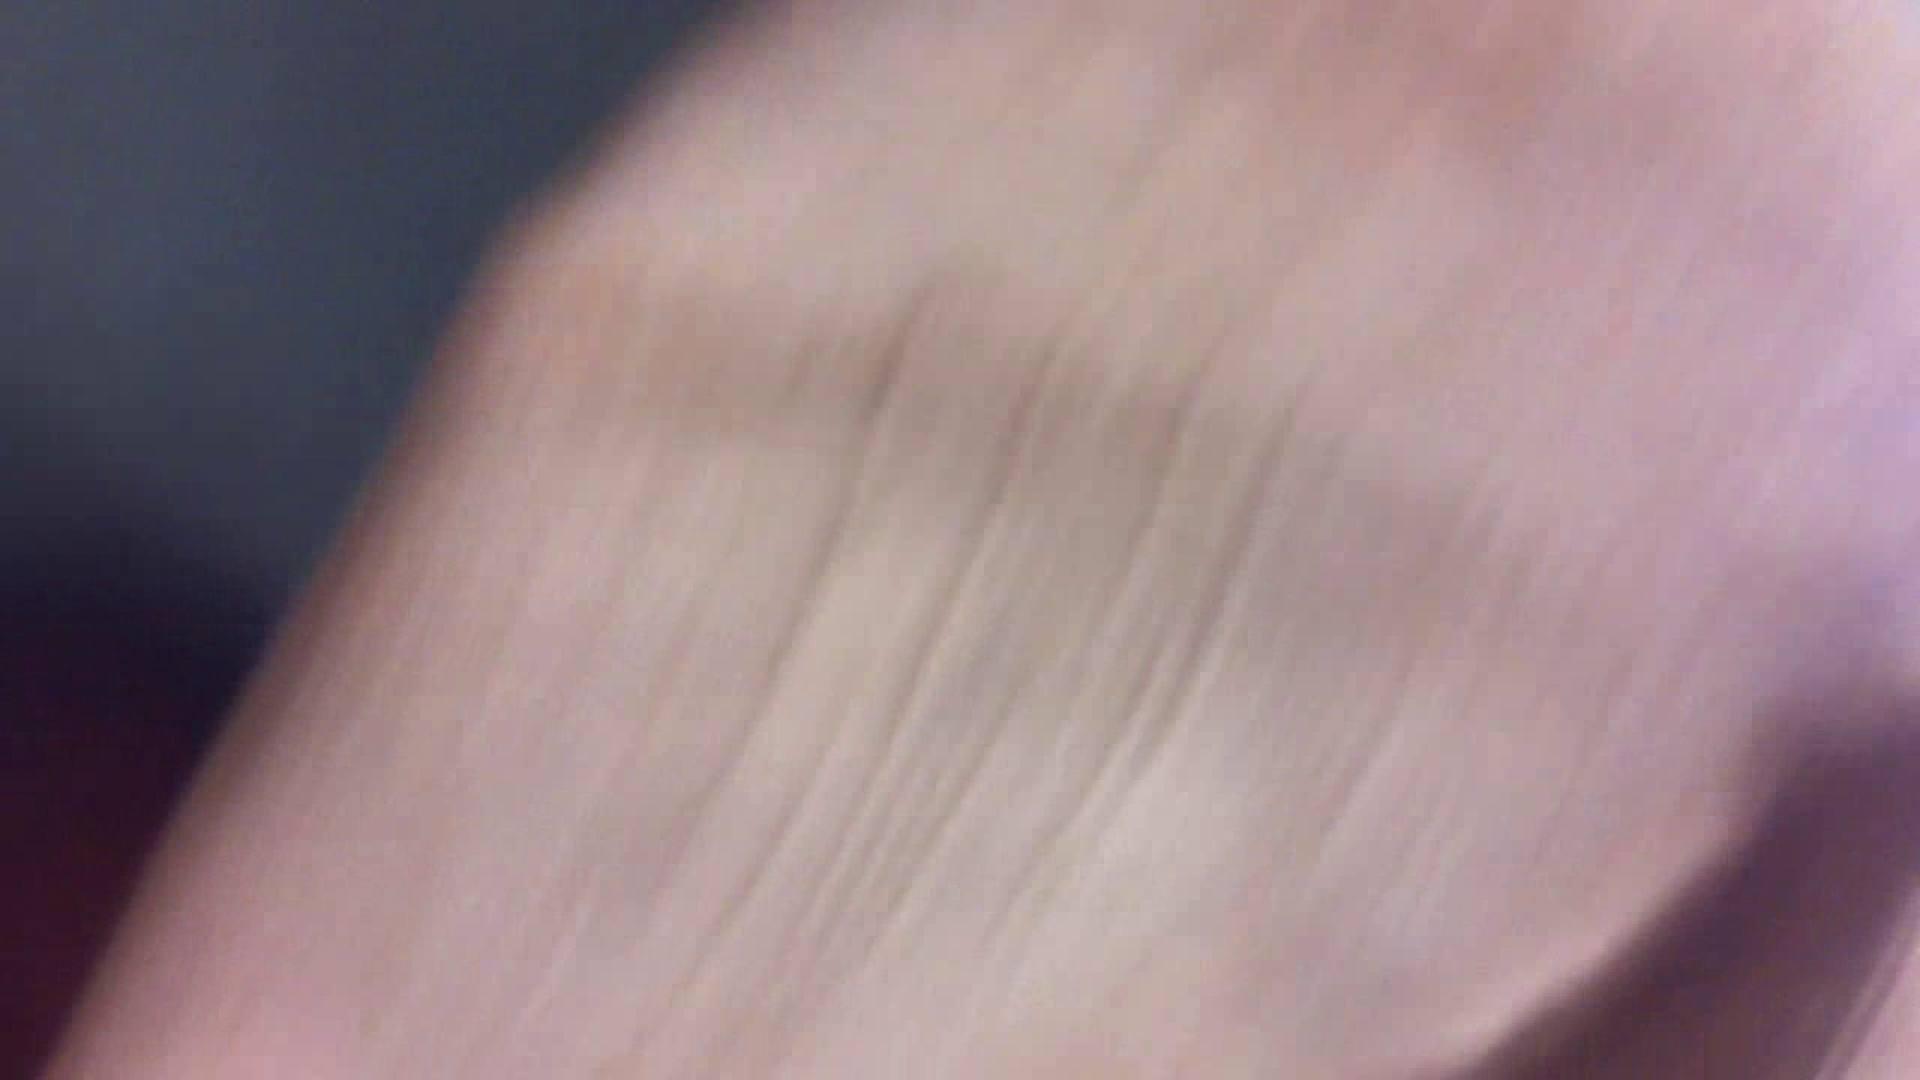 フルHD ショップ店員千人斬り! 大画面ノーカット完全版 vol.81 胸チラ 盗撮AV動画キャプチャ 109画像 44